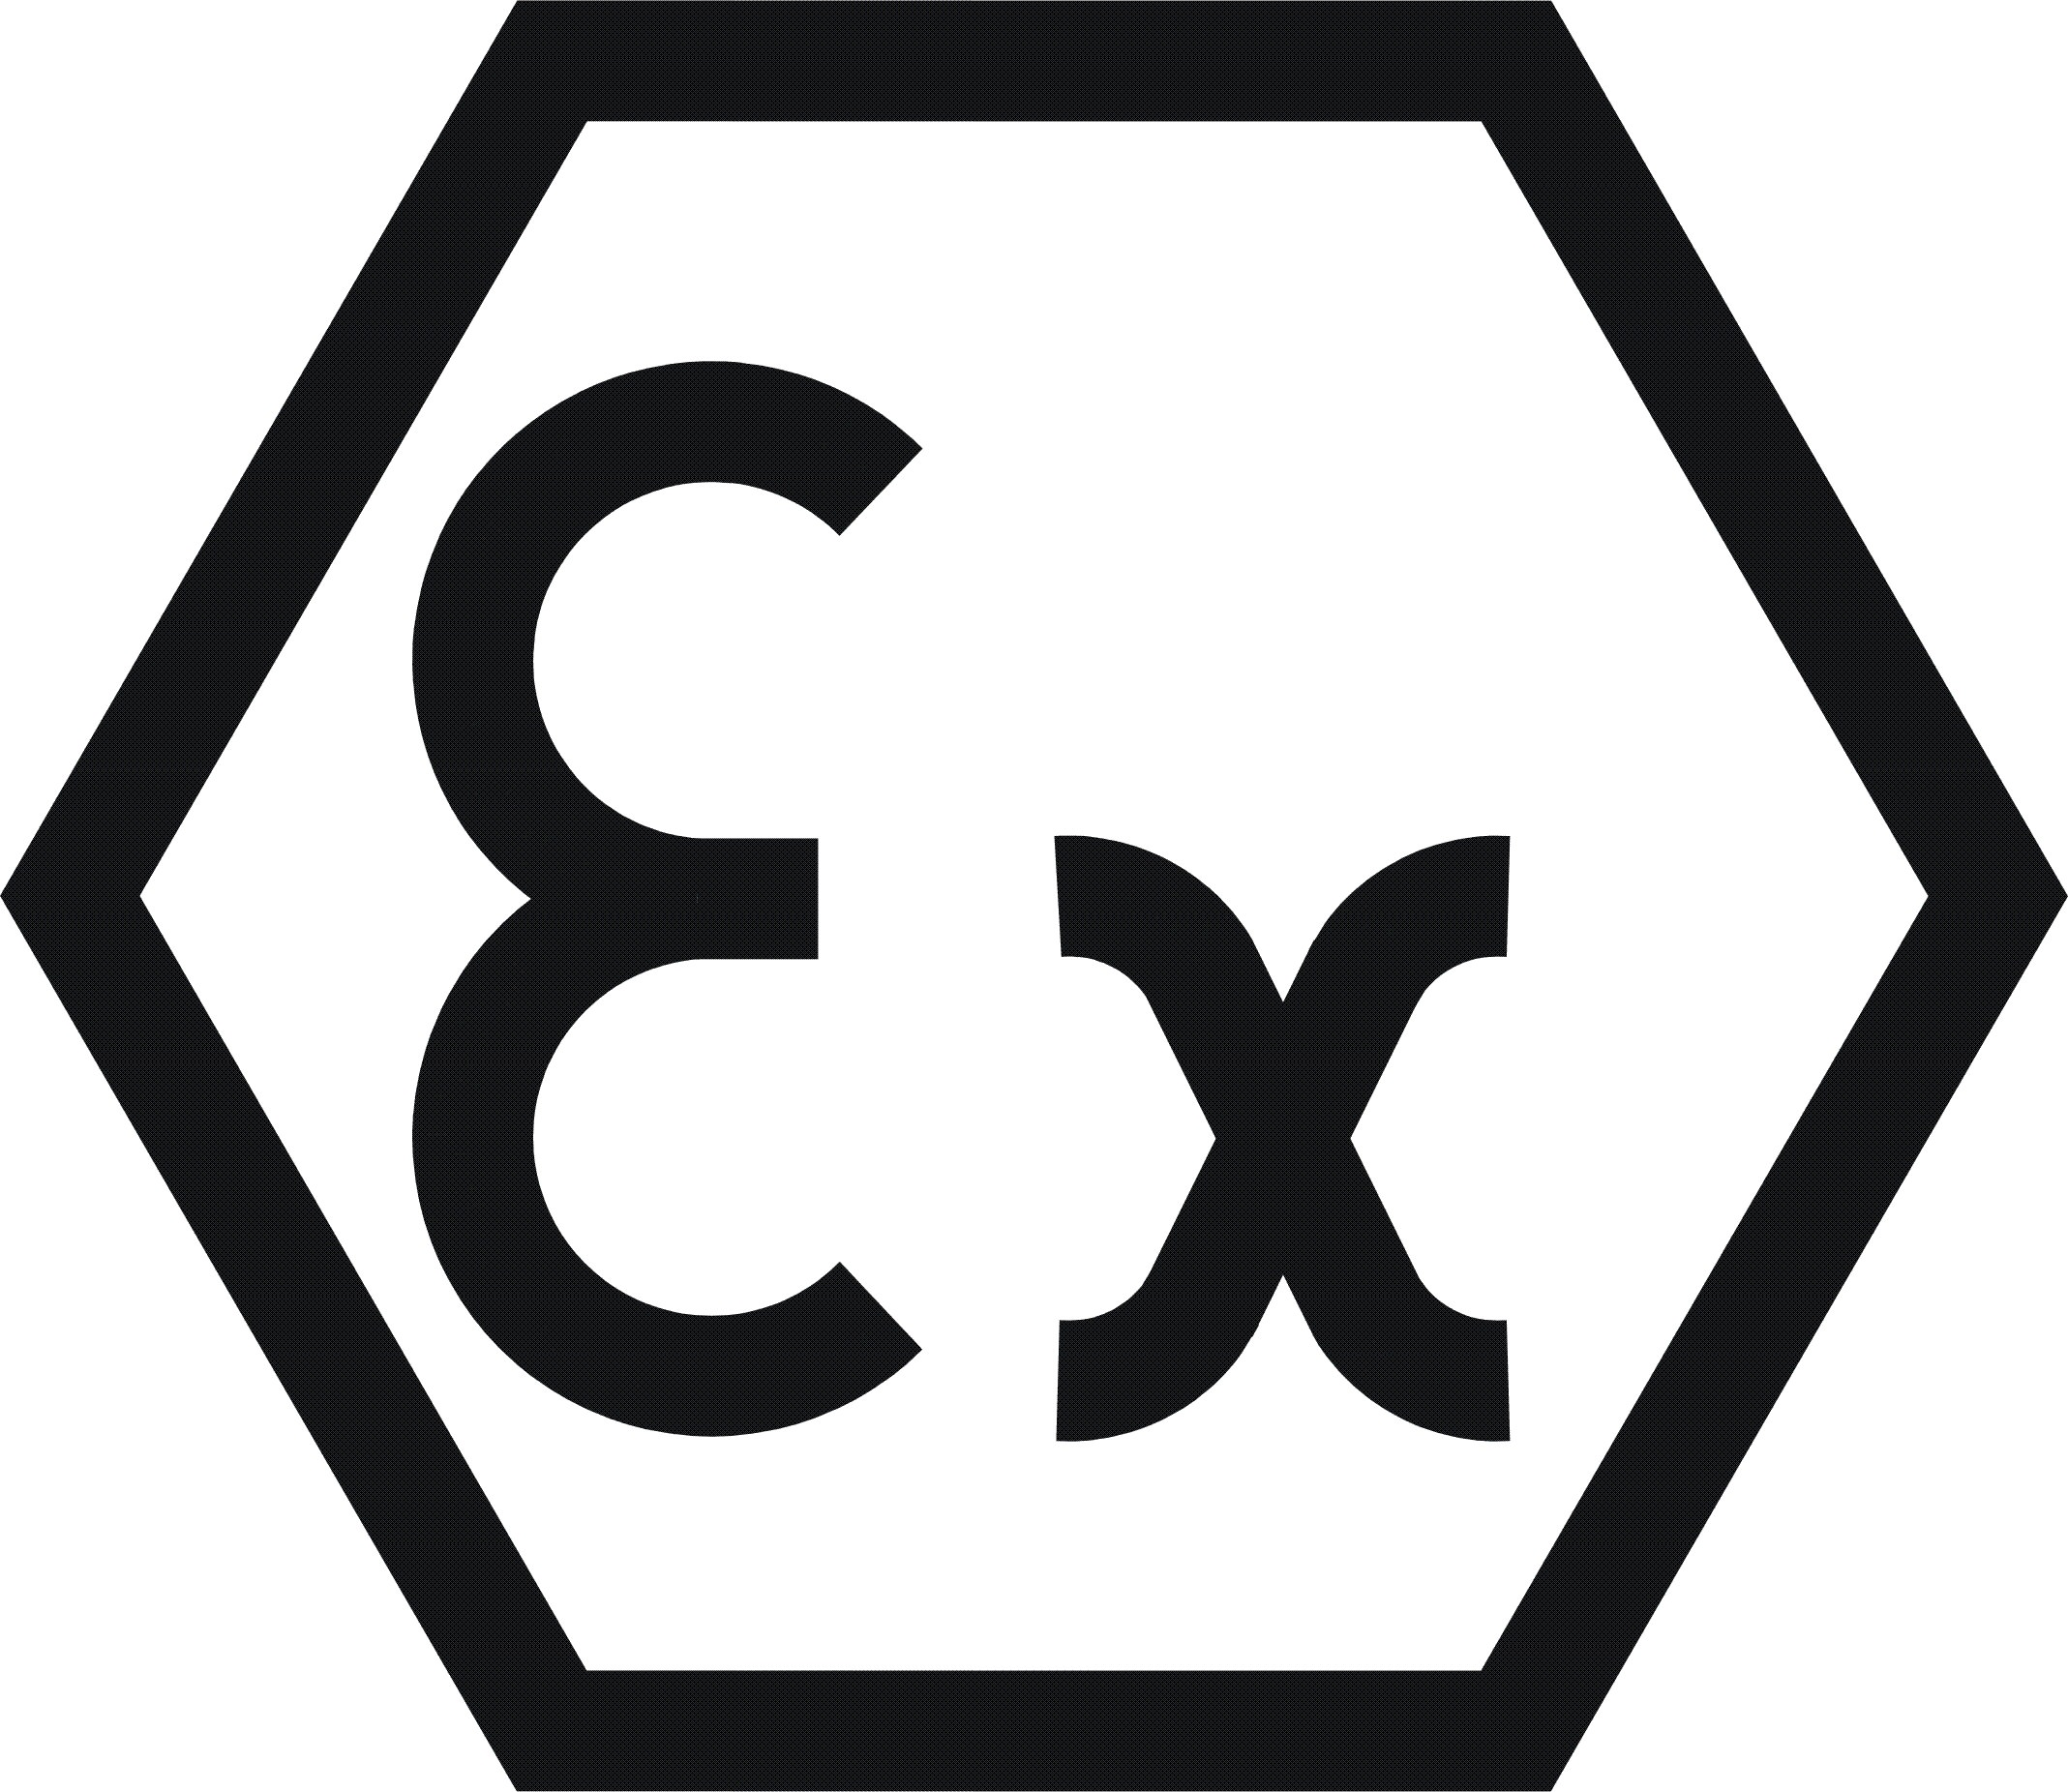 ATEX-Rhrwerk-Explosionsgeschtzt-Zone0-Zone1-Zone2-EX-Schutz_mini